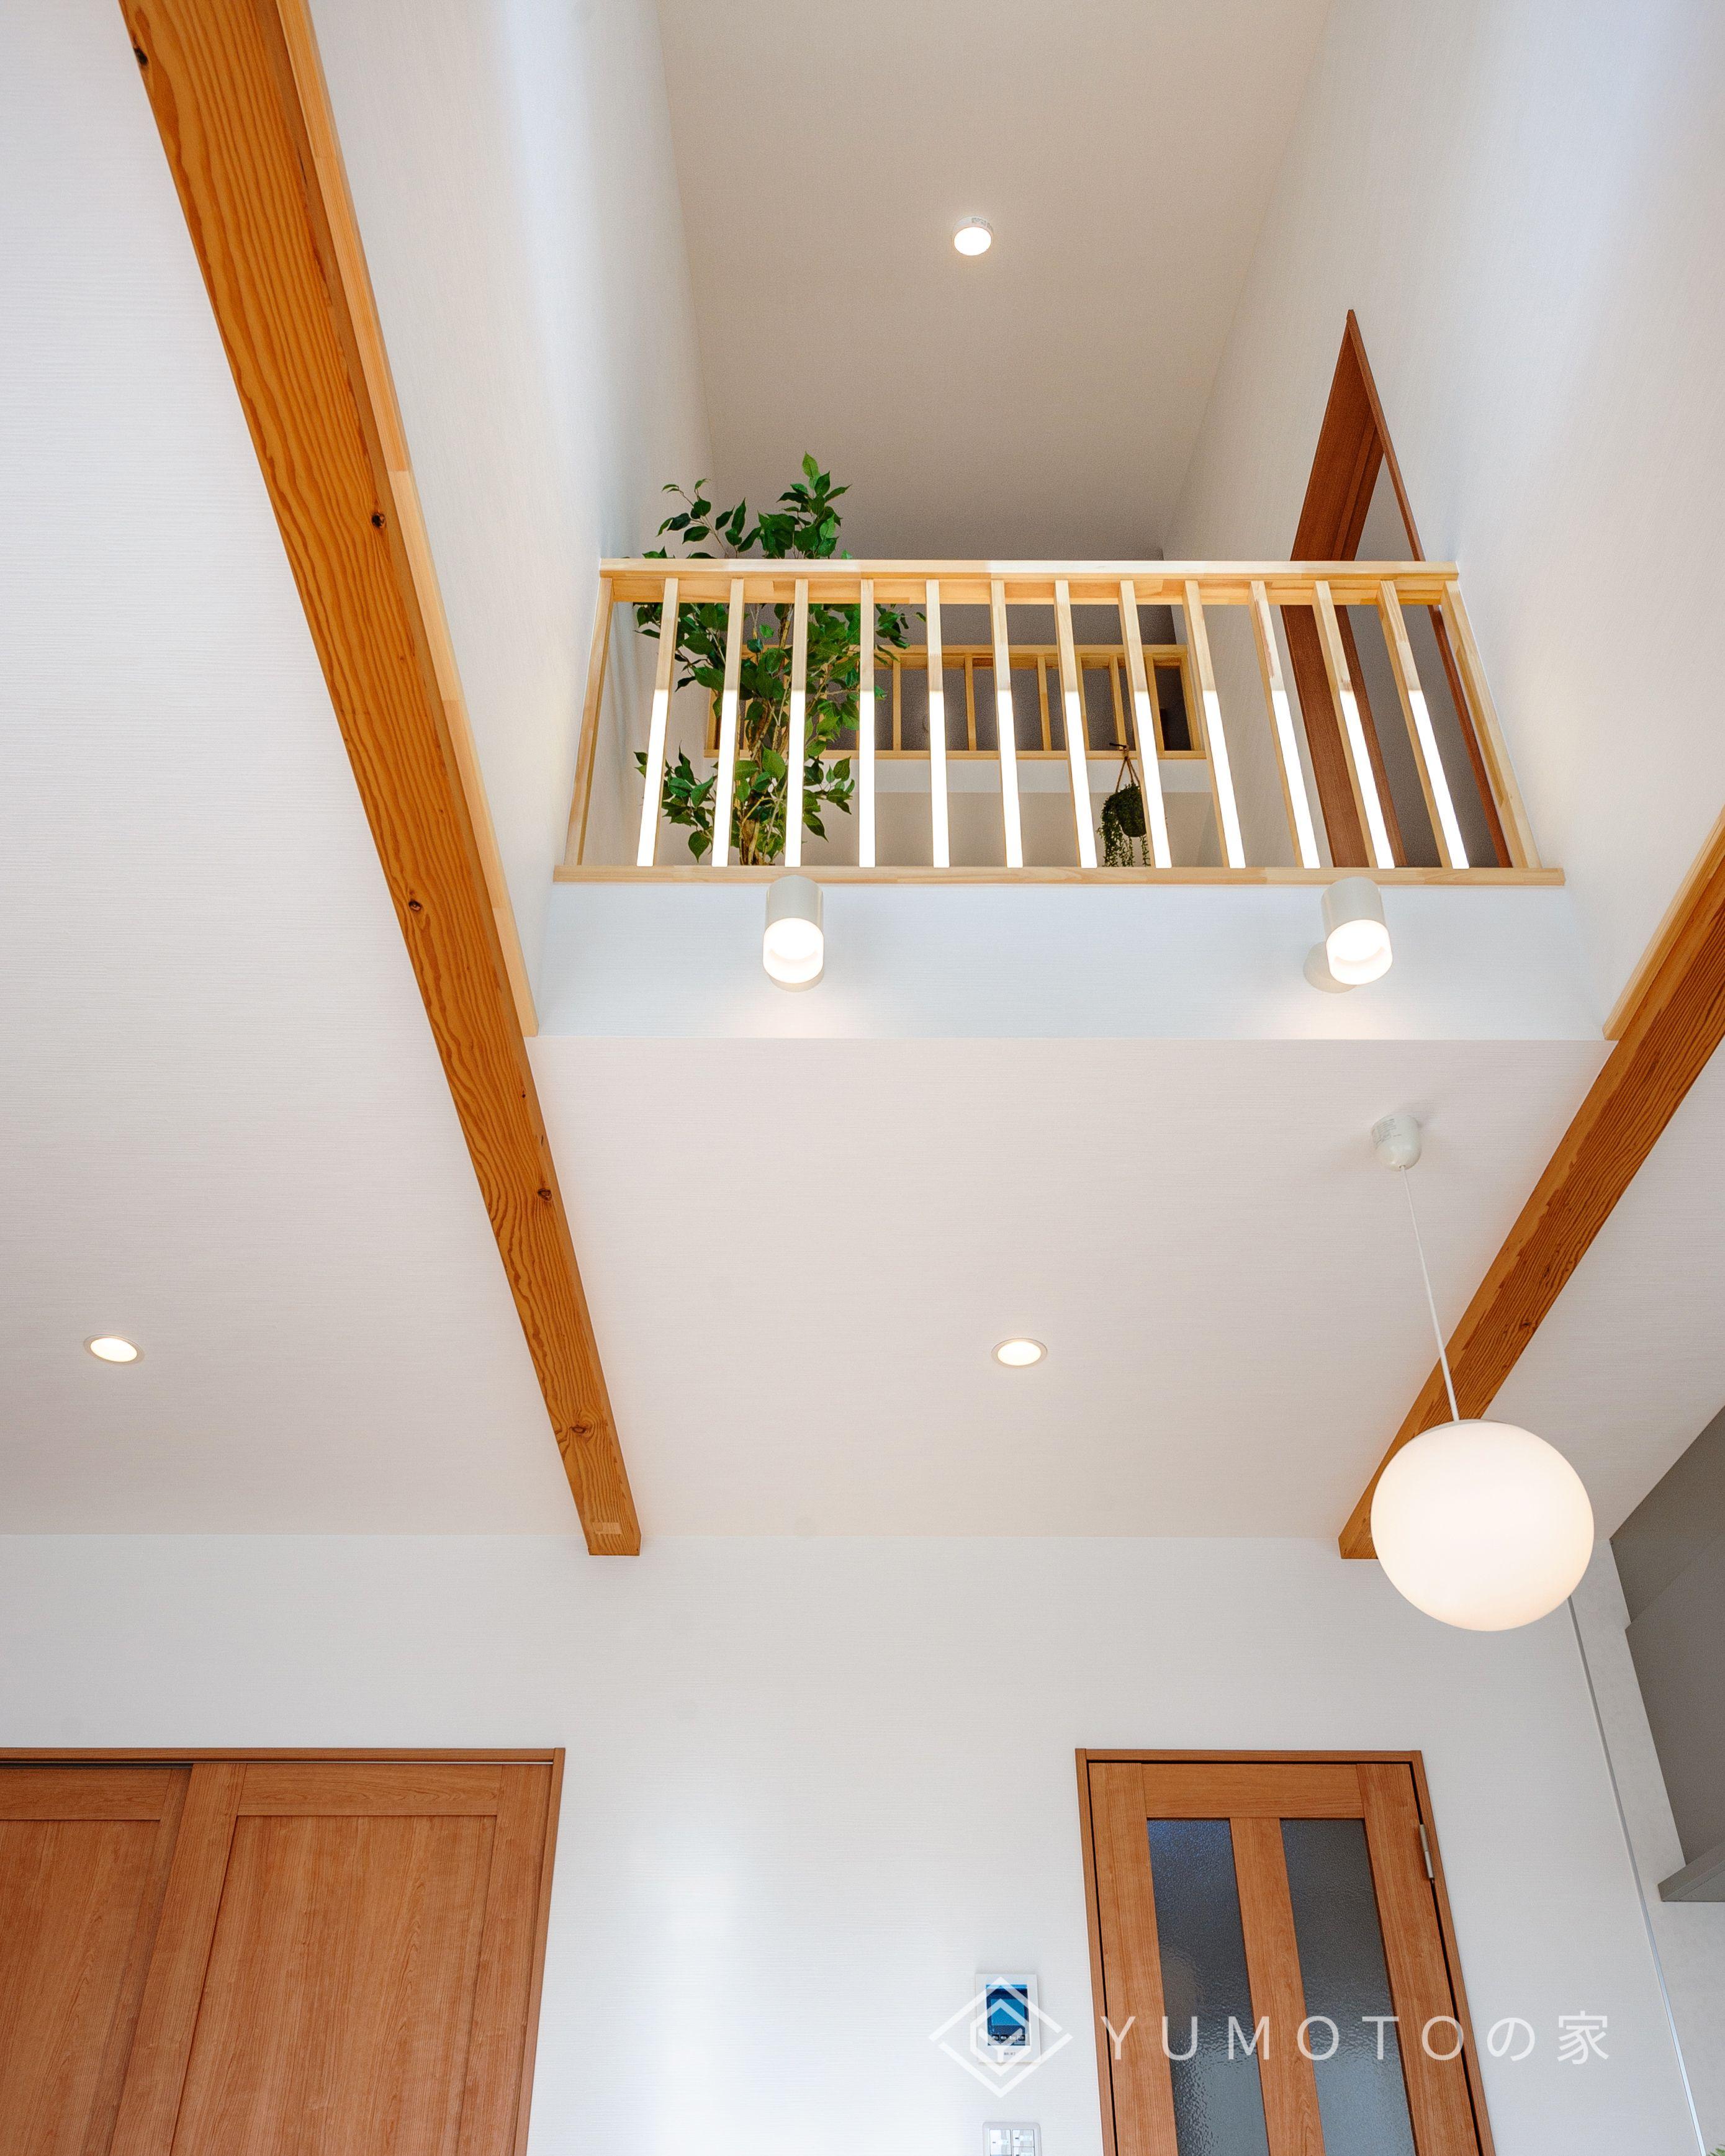 1階から屋根裏部屋までつながる吹き抜け 屋根裏部屋のある家